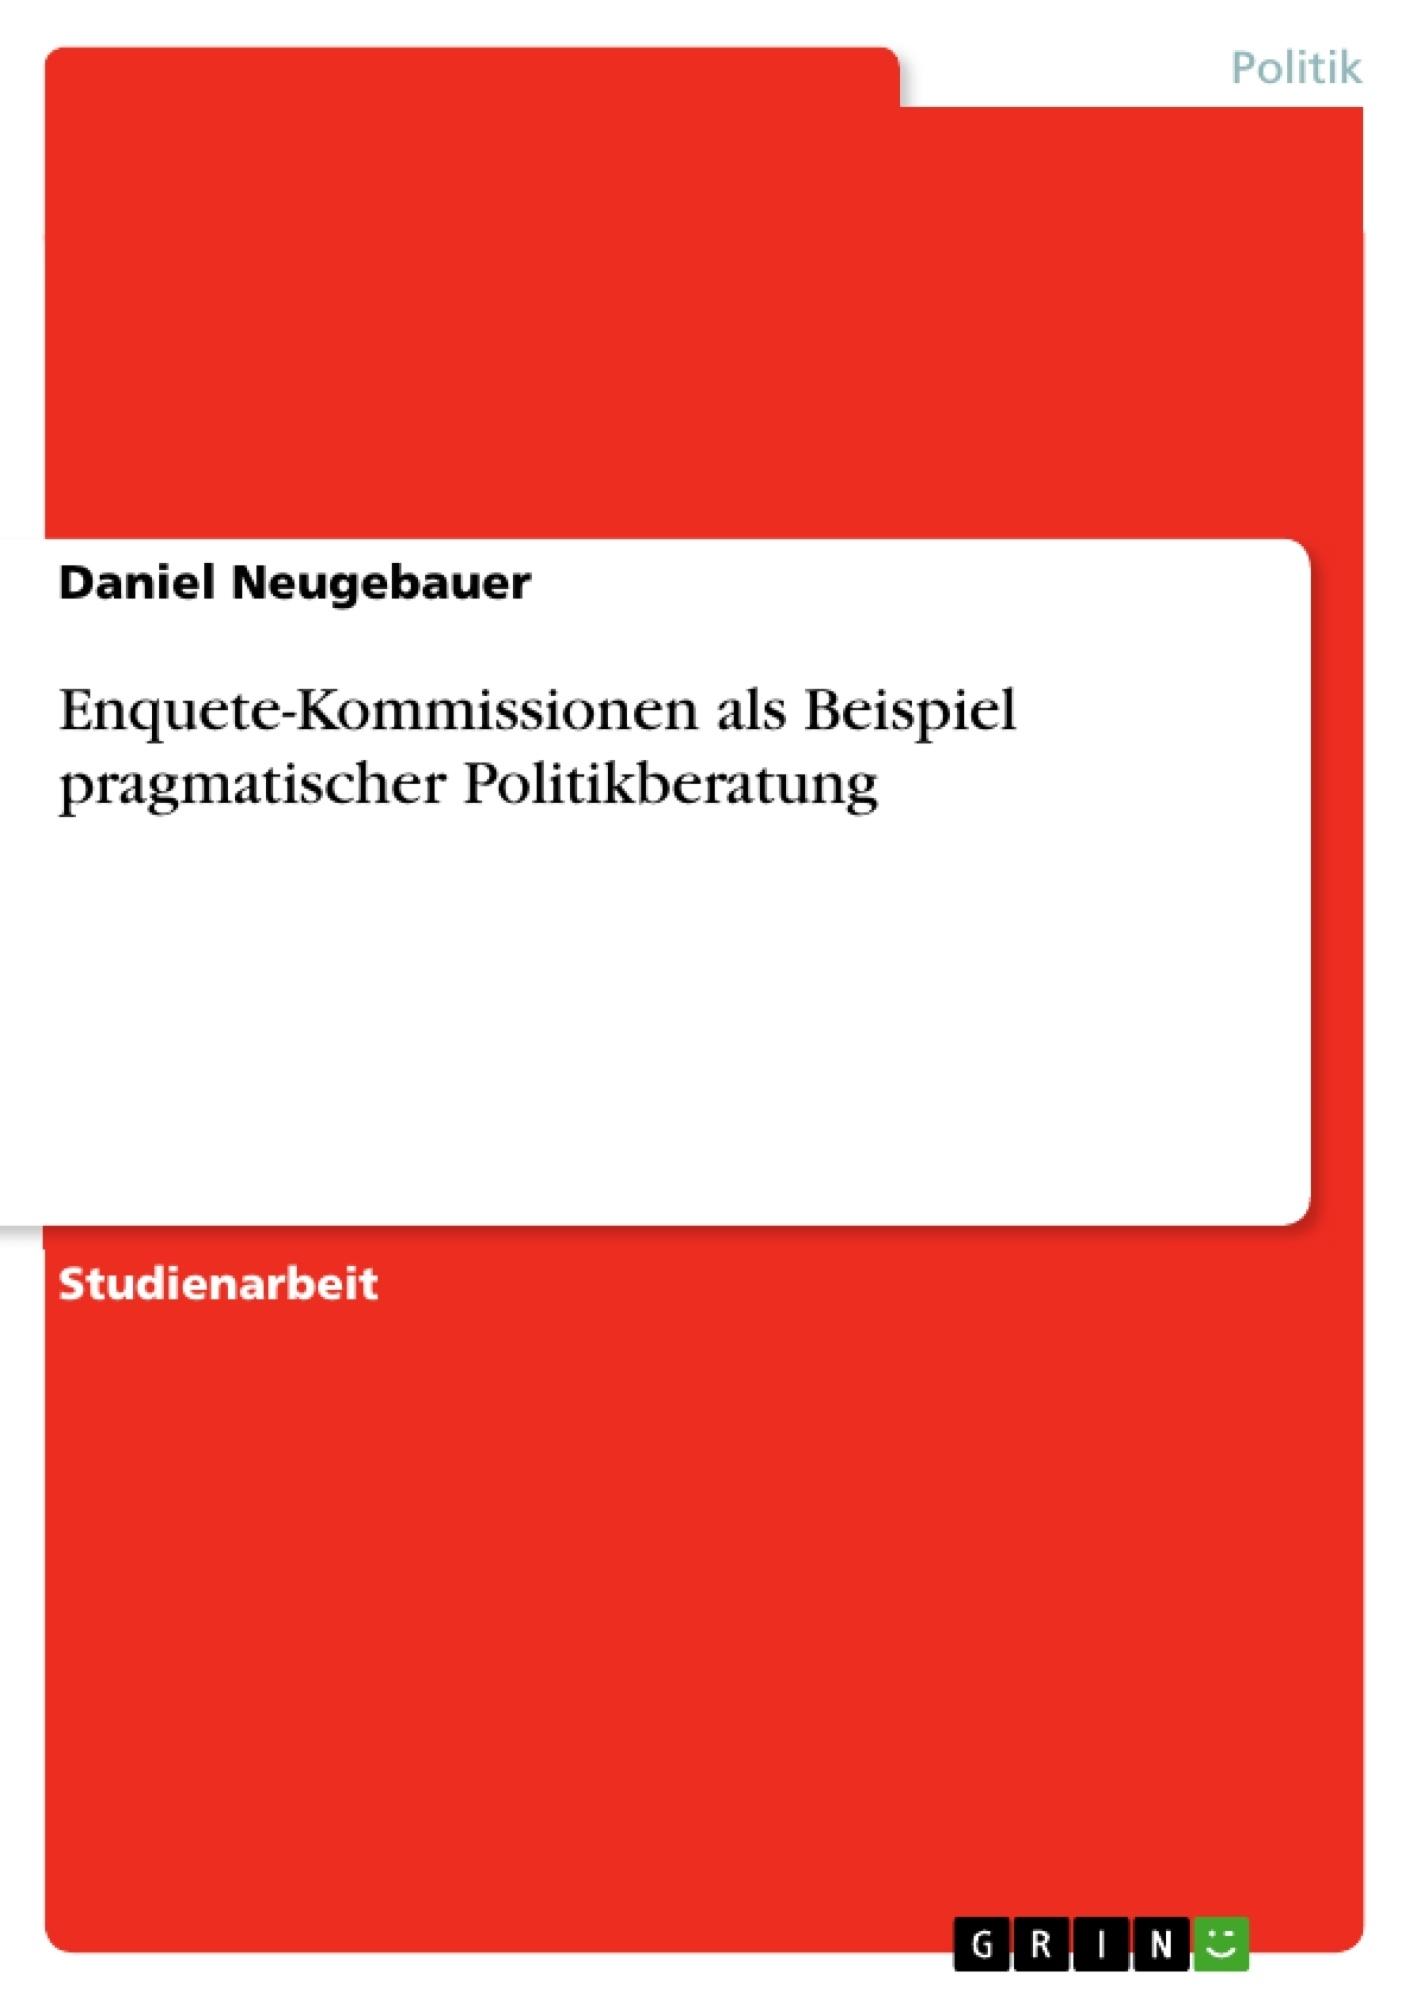 Titel: Enquete-Kommissionen als Beispiel pragmatischer Politikberatung